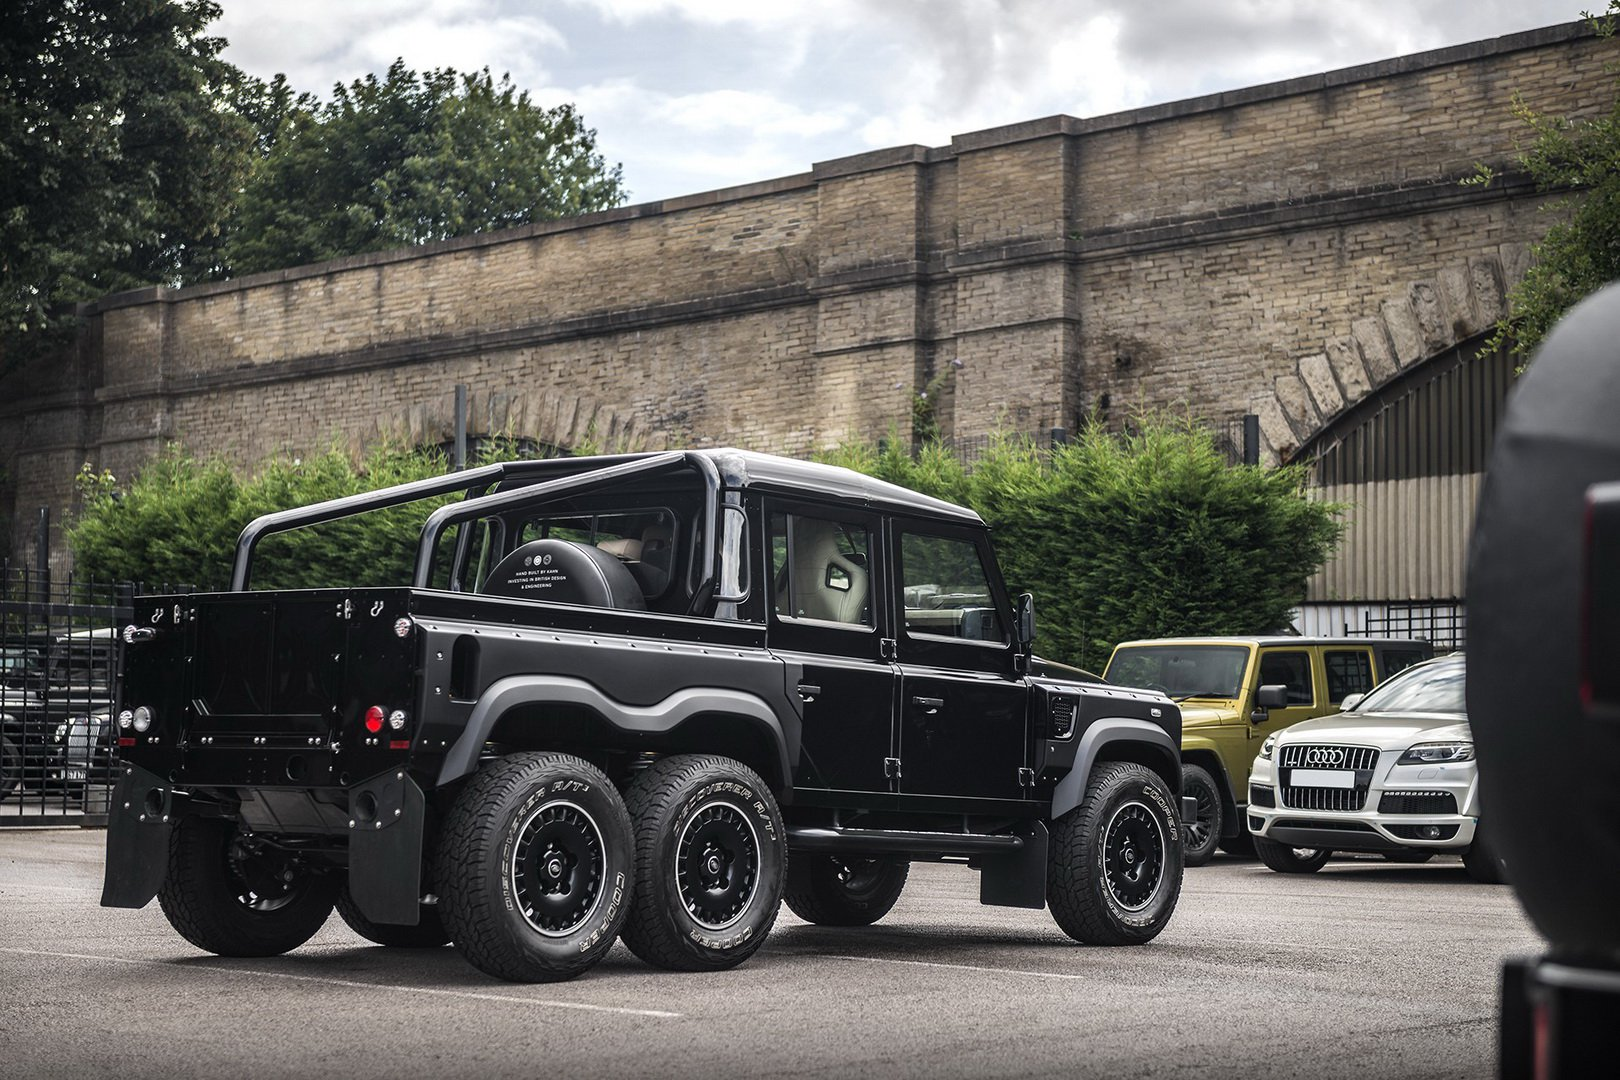 Land-Rover-Defender-Flying-Huntsman-6×6-3